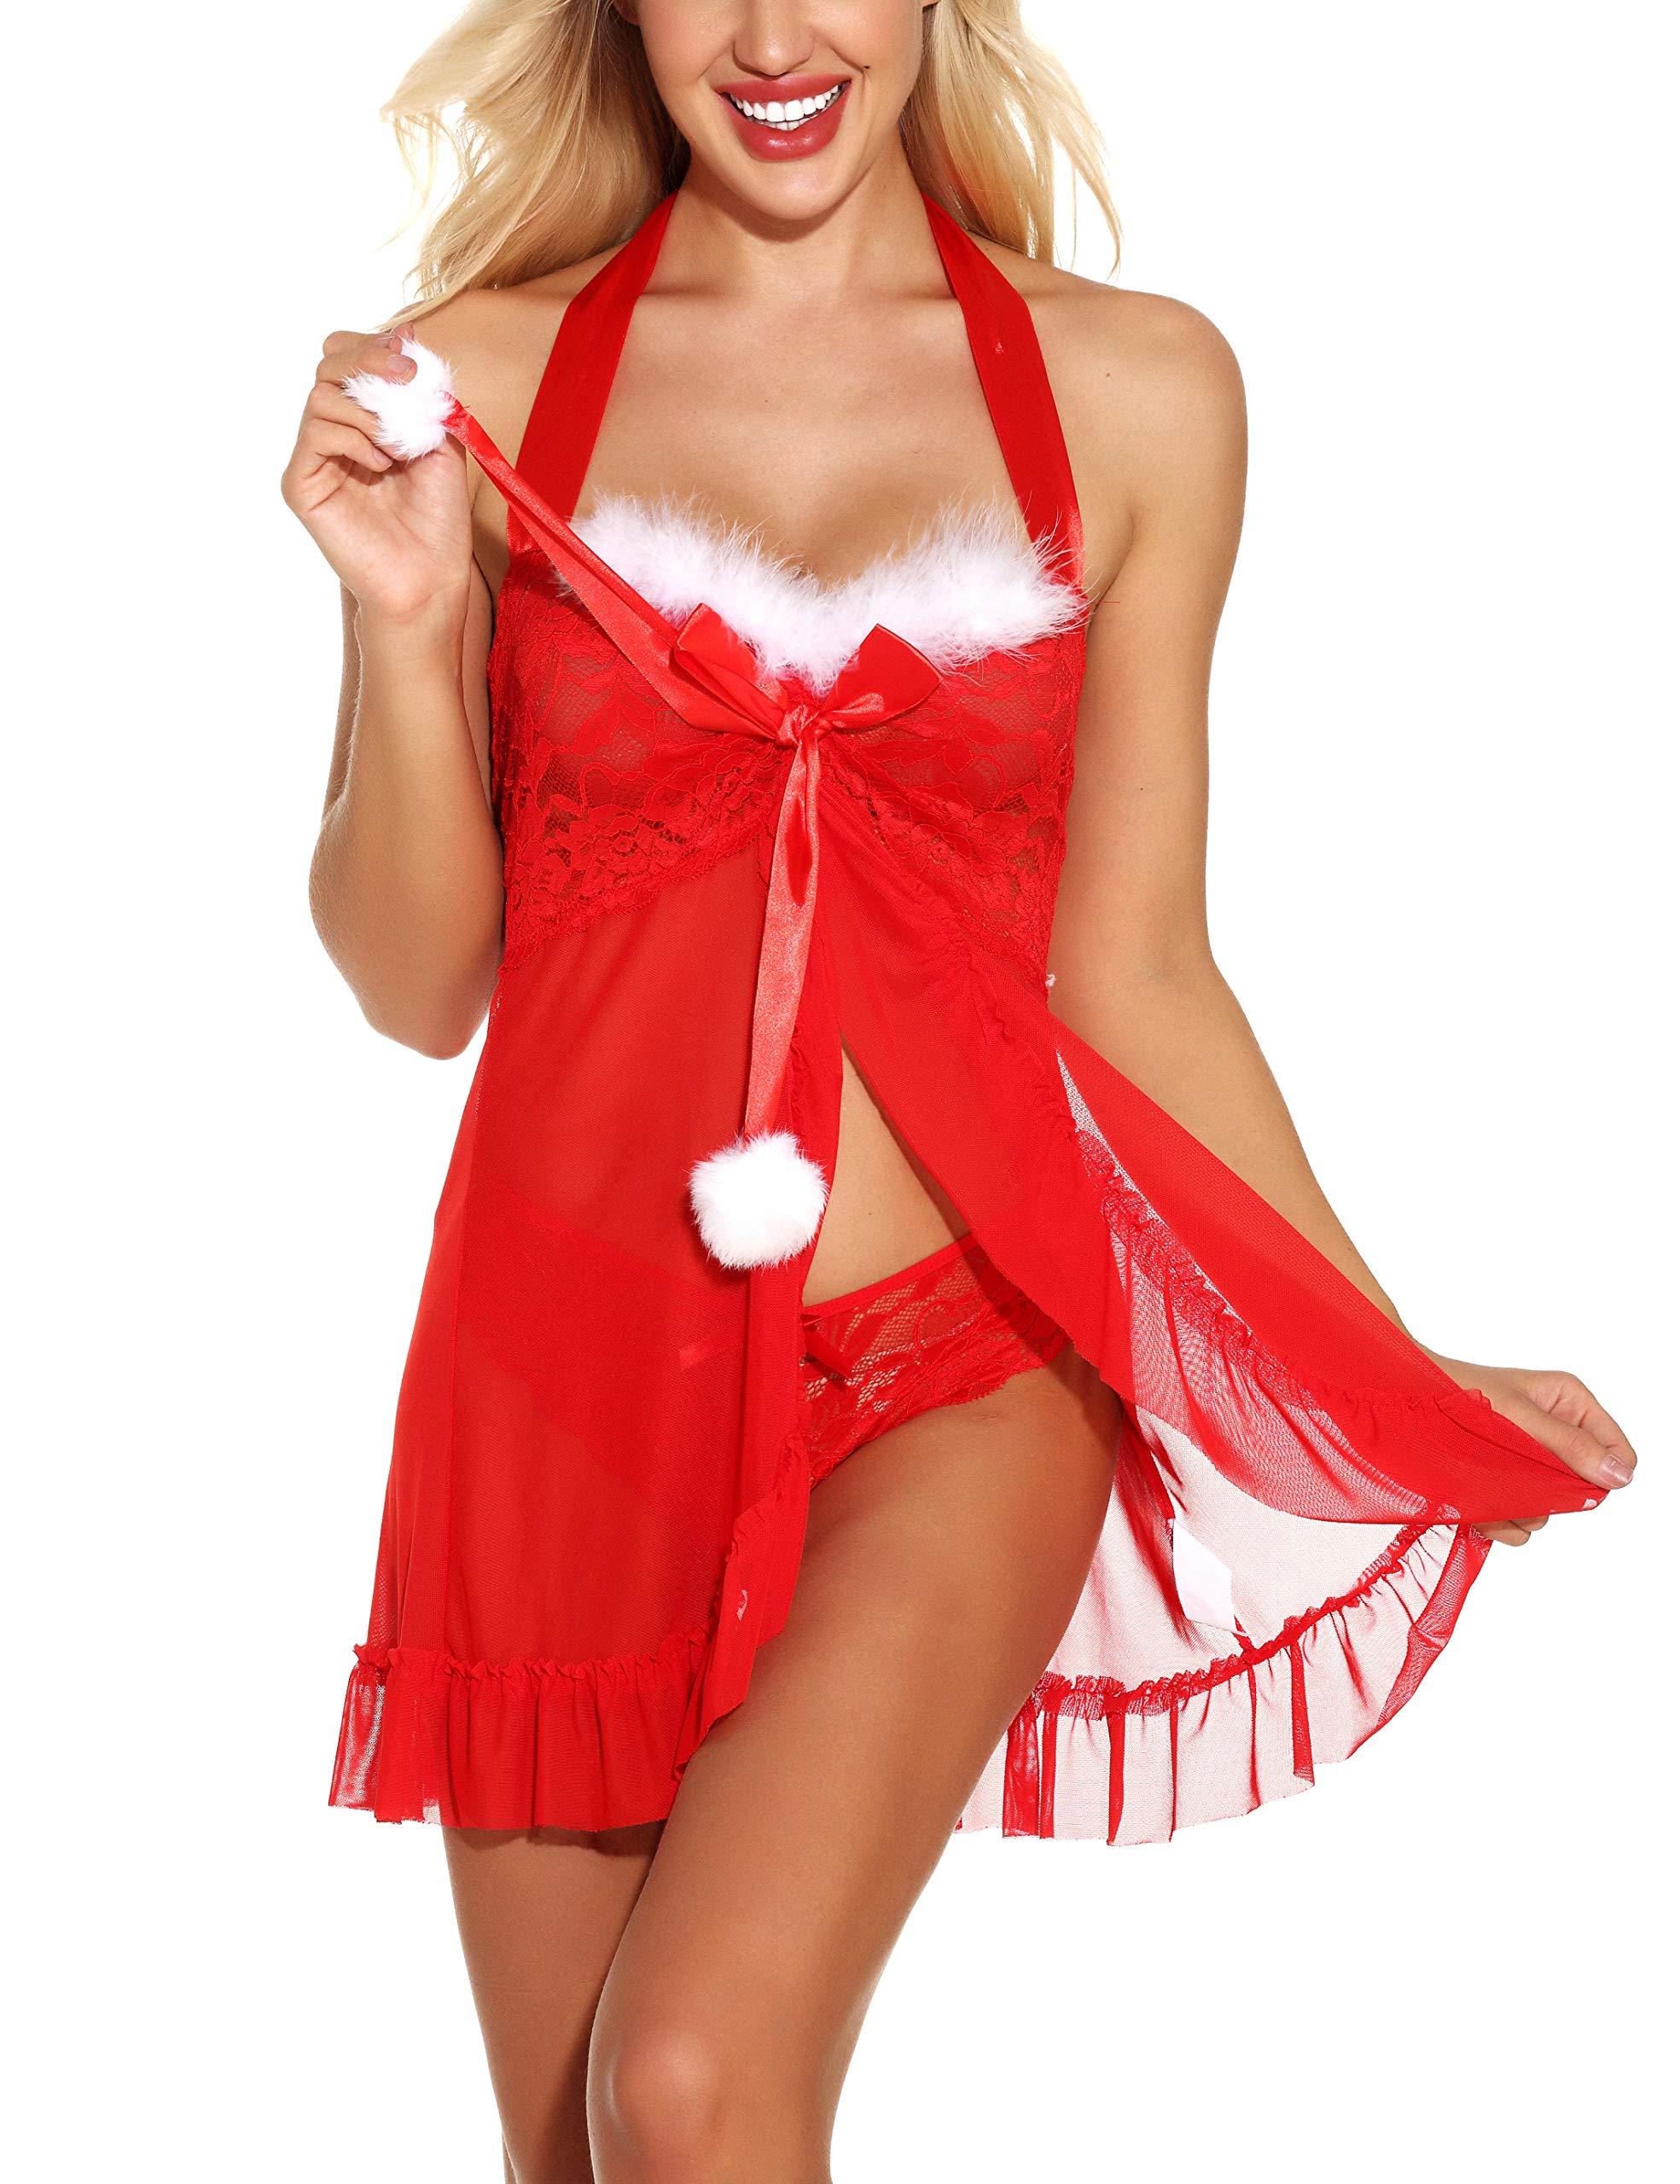 Ababoon Women Christmas Lingerie Dress Nightwear Sexy Sleepwear Backless Halter Lace Babydoll